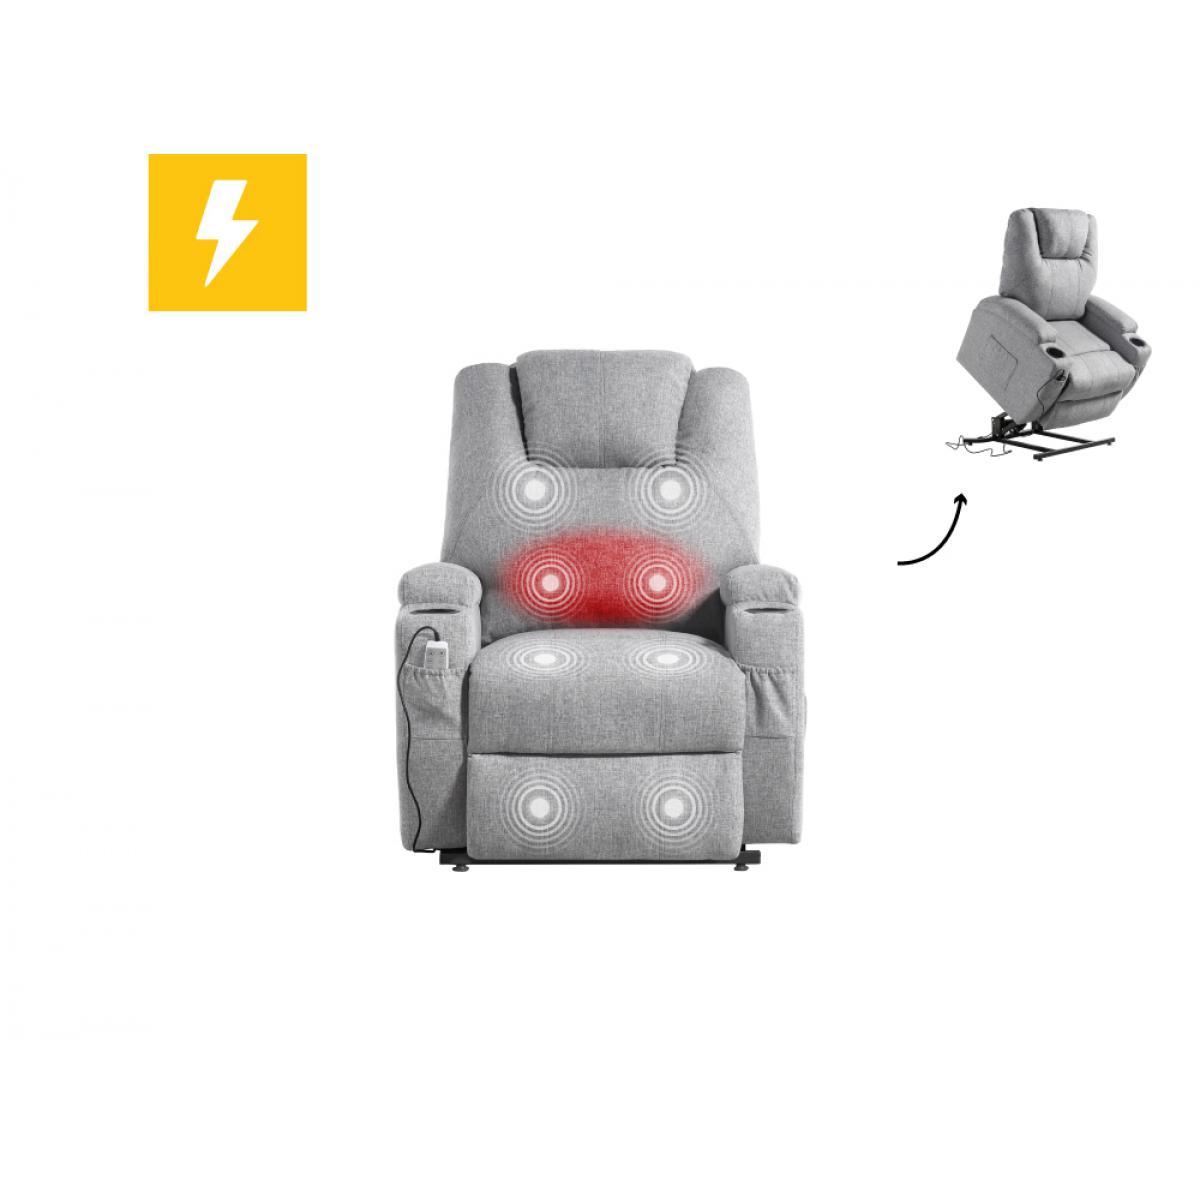 Usinestreet Fauteuil de relaxation massant chauffant FRED électrique et releveur en Tissu - Couleur - Gris